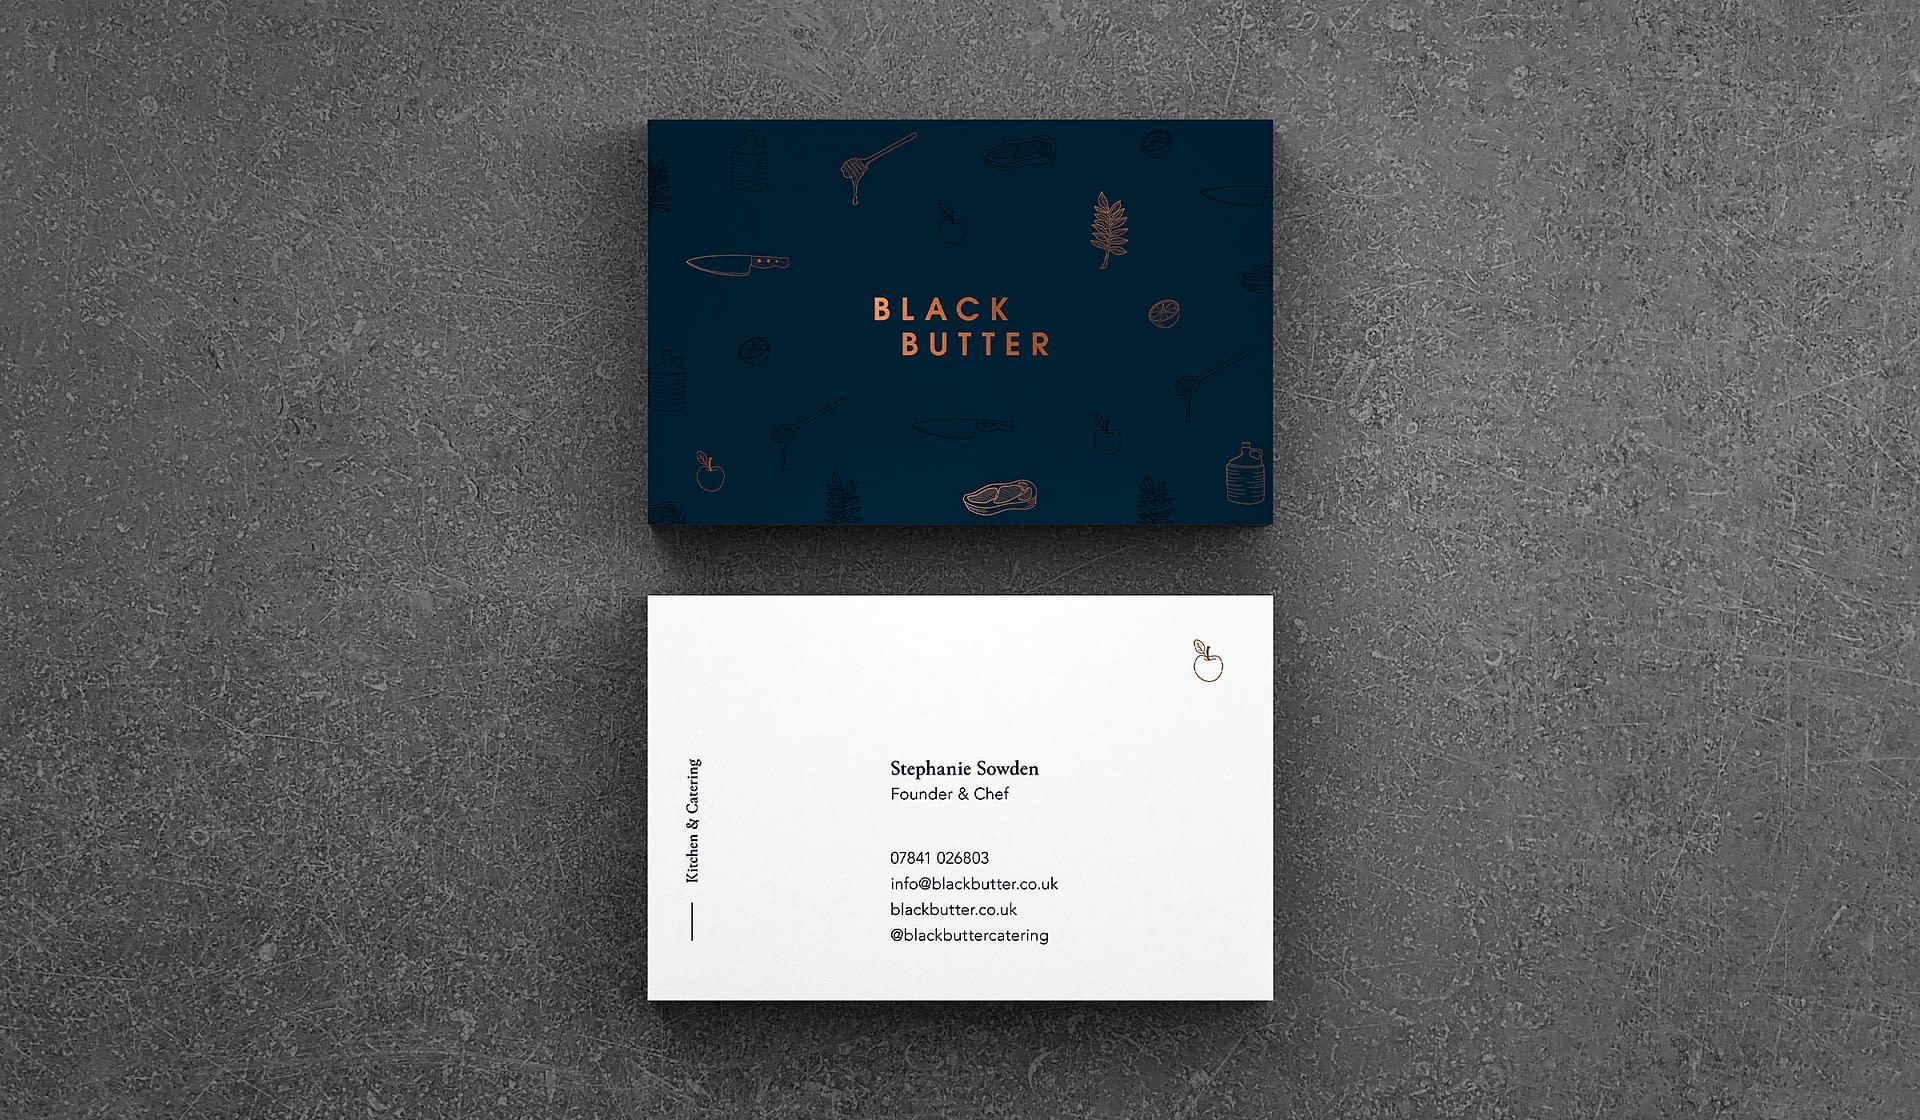 Black Butter business card